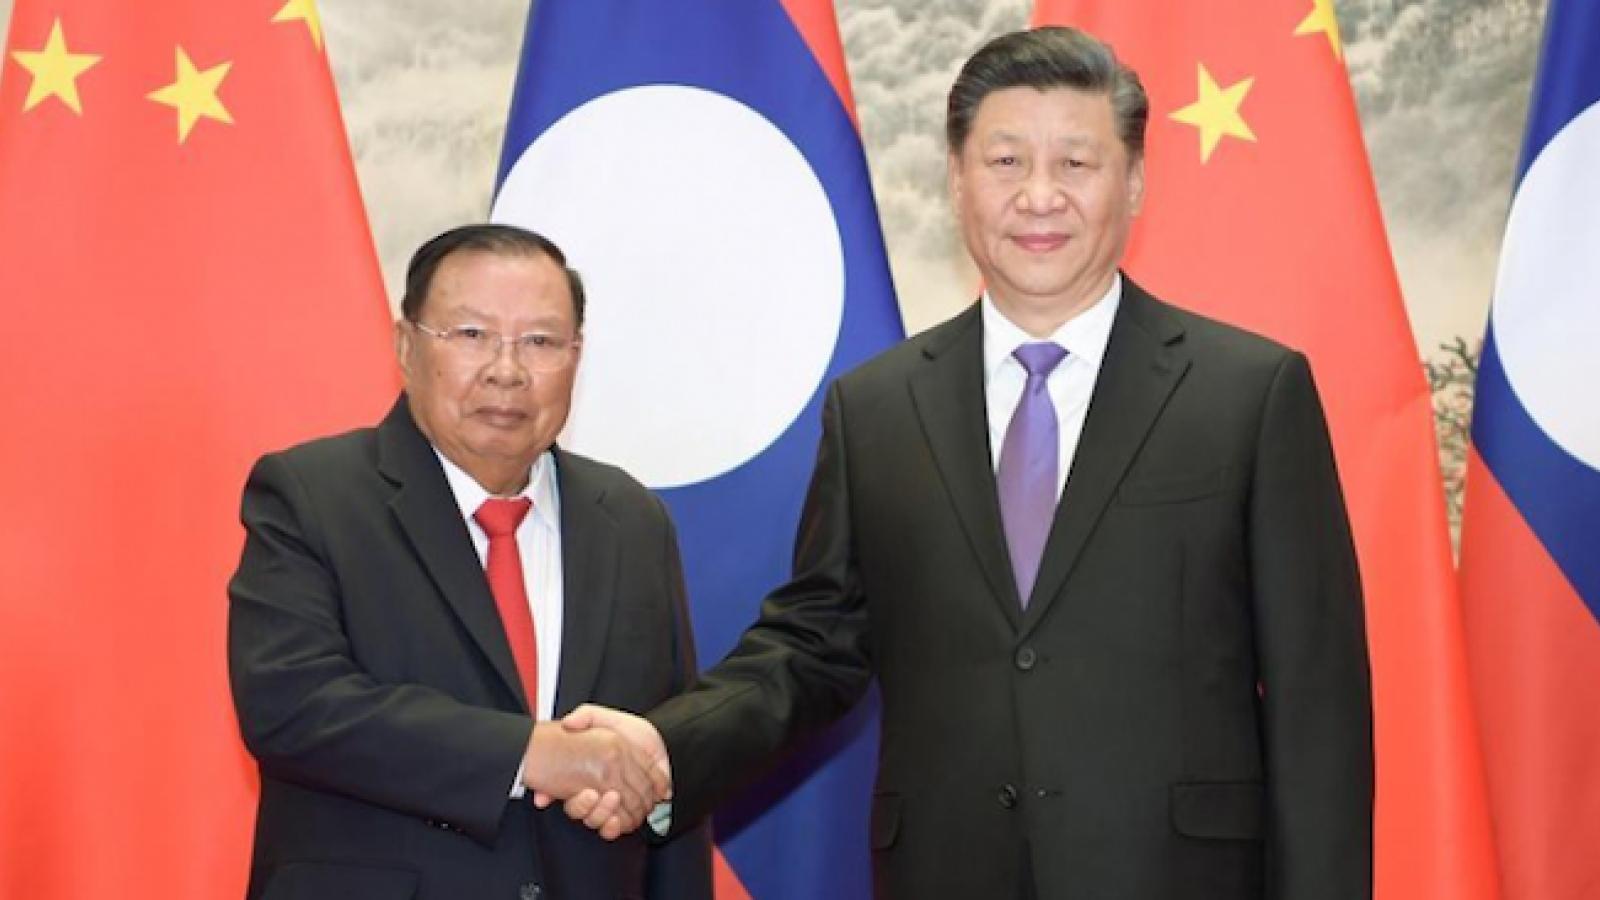 Trung Quốc và Lào đề ra phương hướng hợp tác trong năm 2021